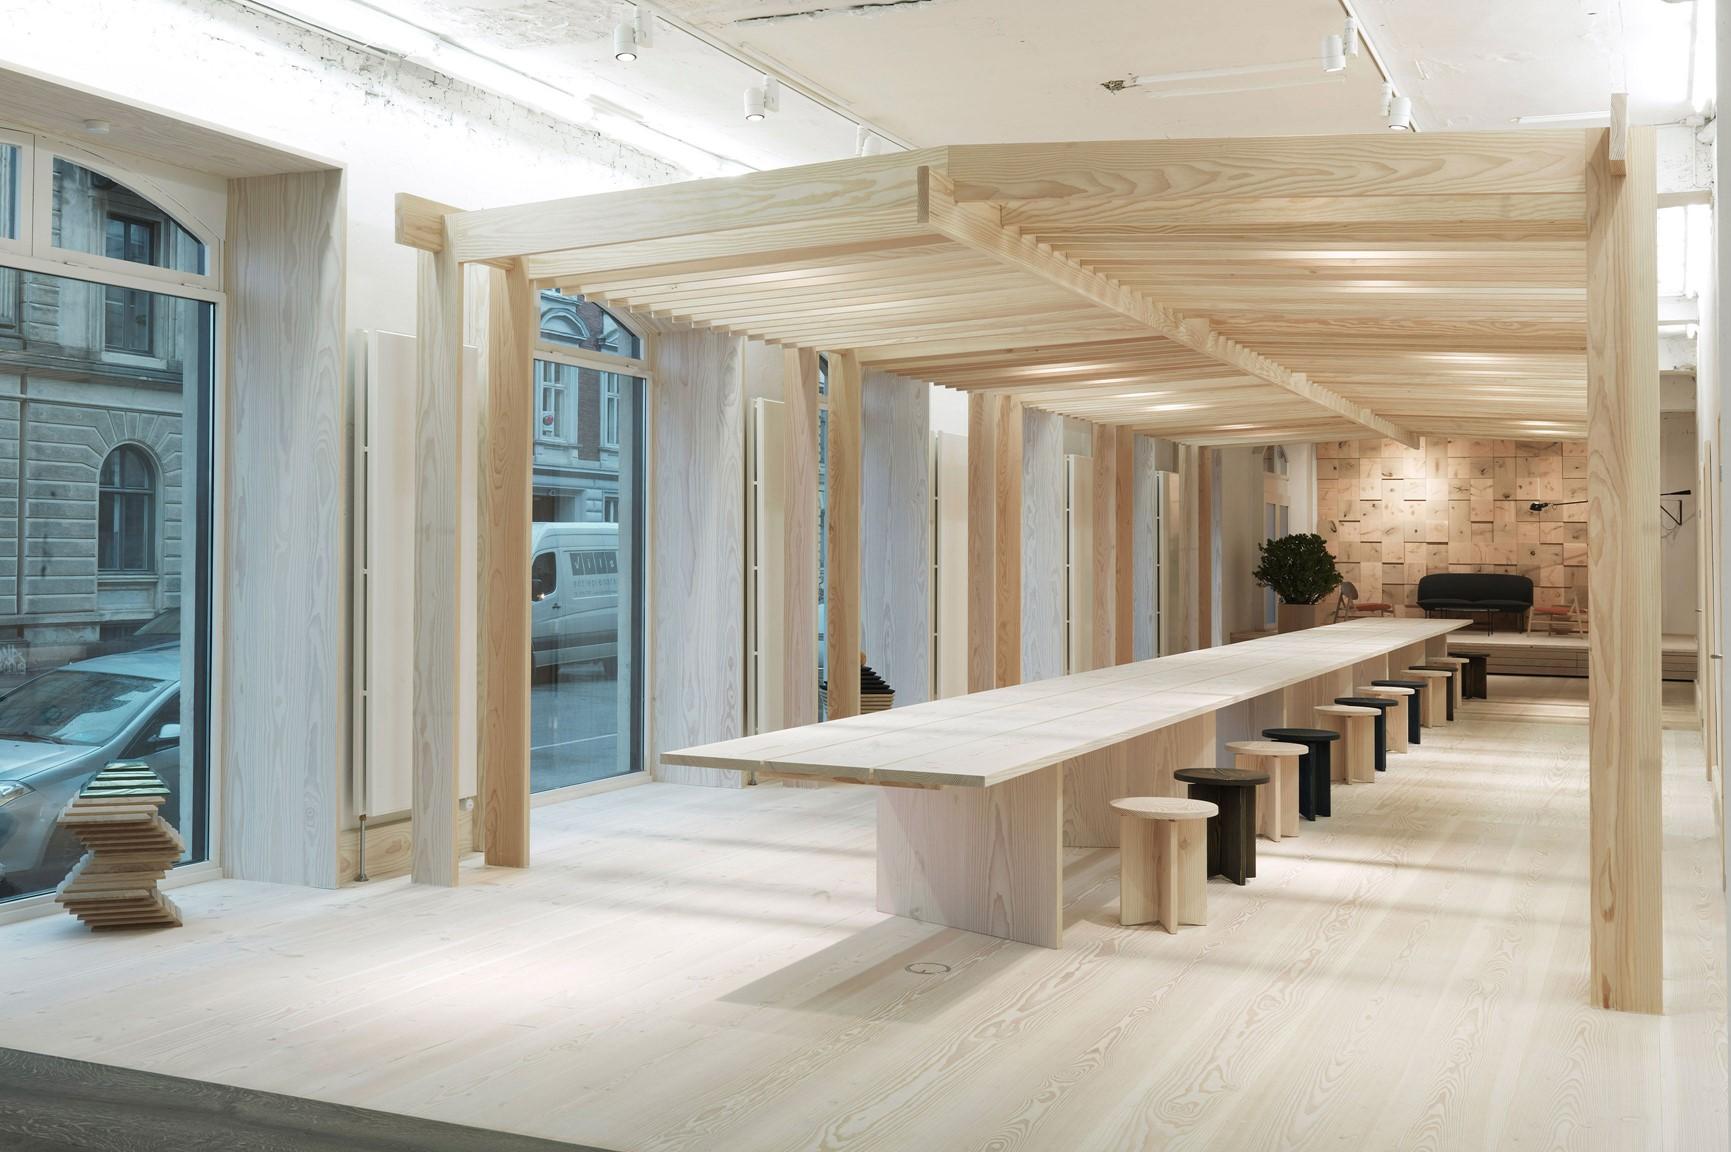 douglas-floor_lye-and-white-soap_dinesen-showroom-copenhagen_dinesen.jpg